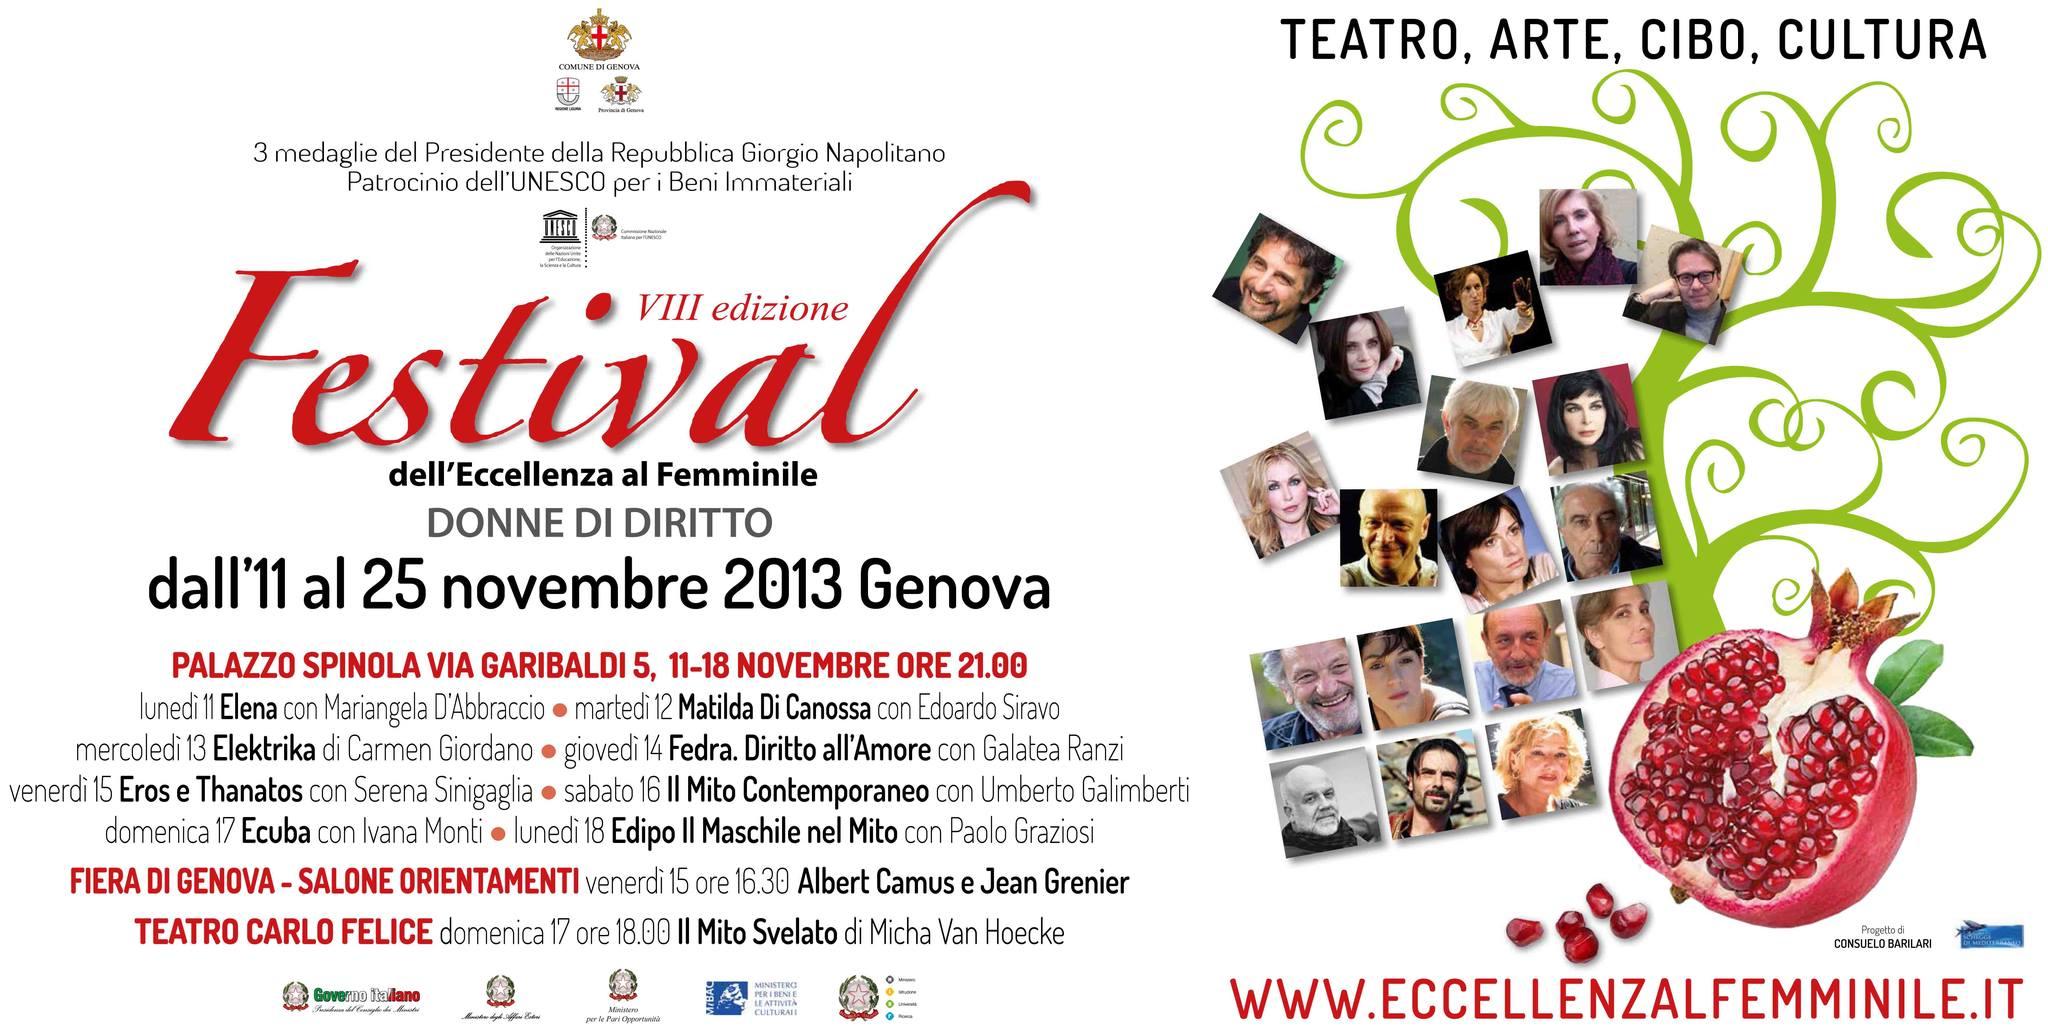 Festival dell'Eccellenza al Femminile: VIII edizione per la tutela dei diritti